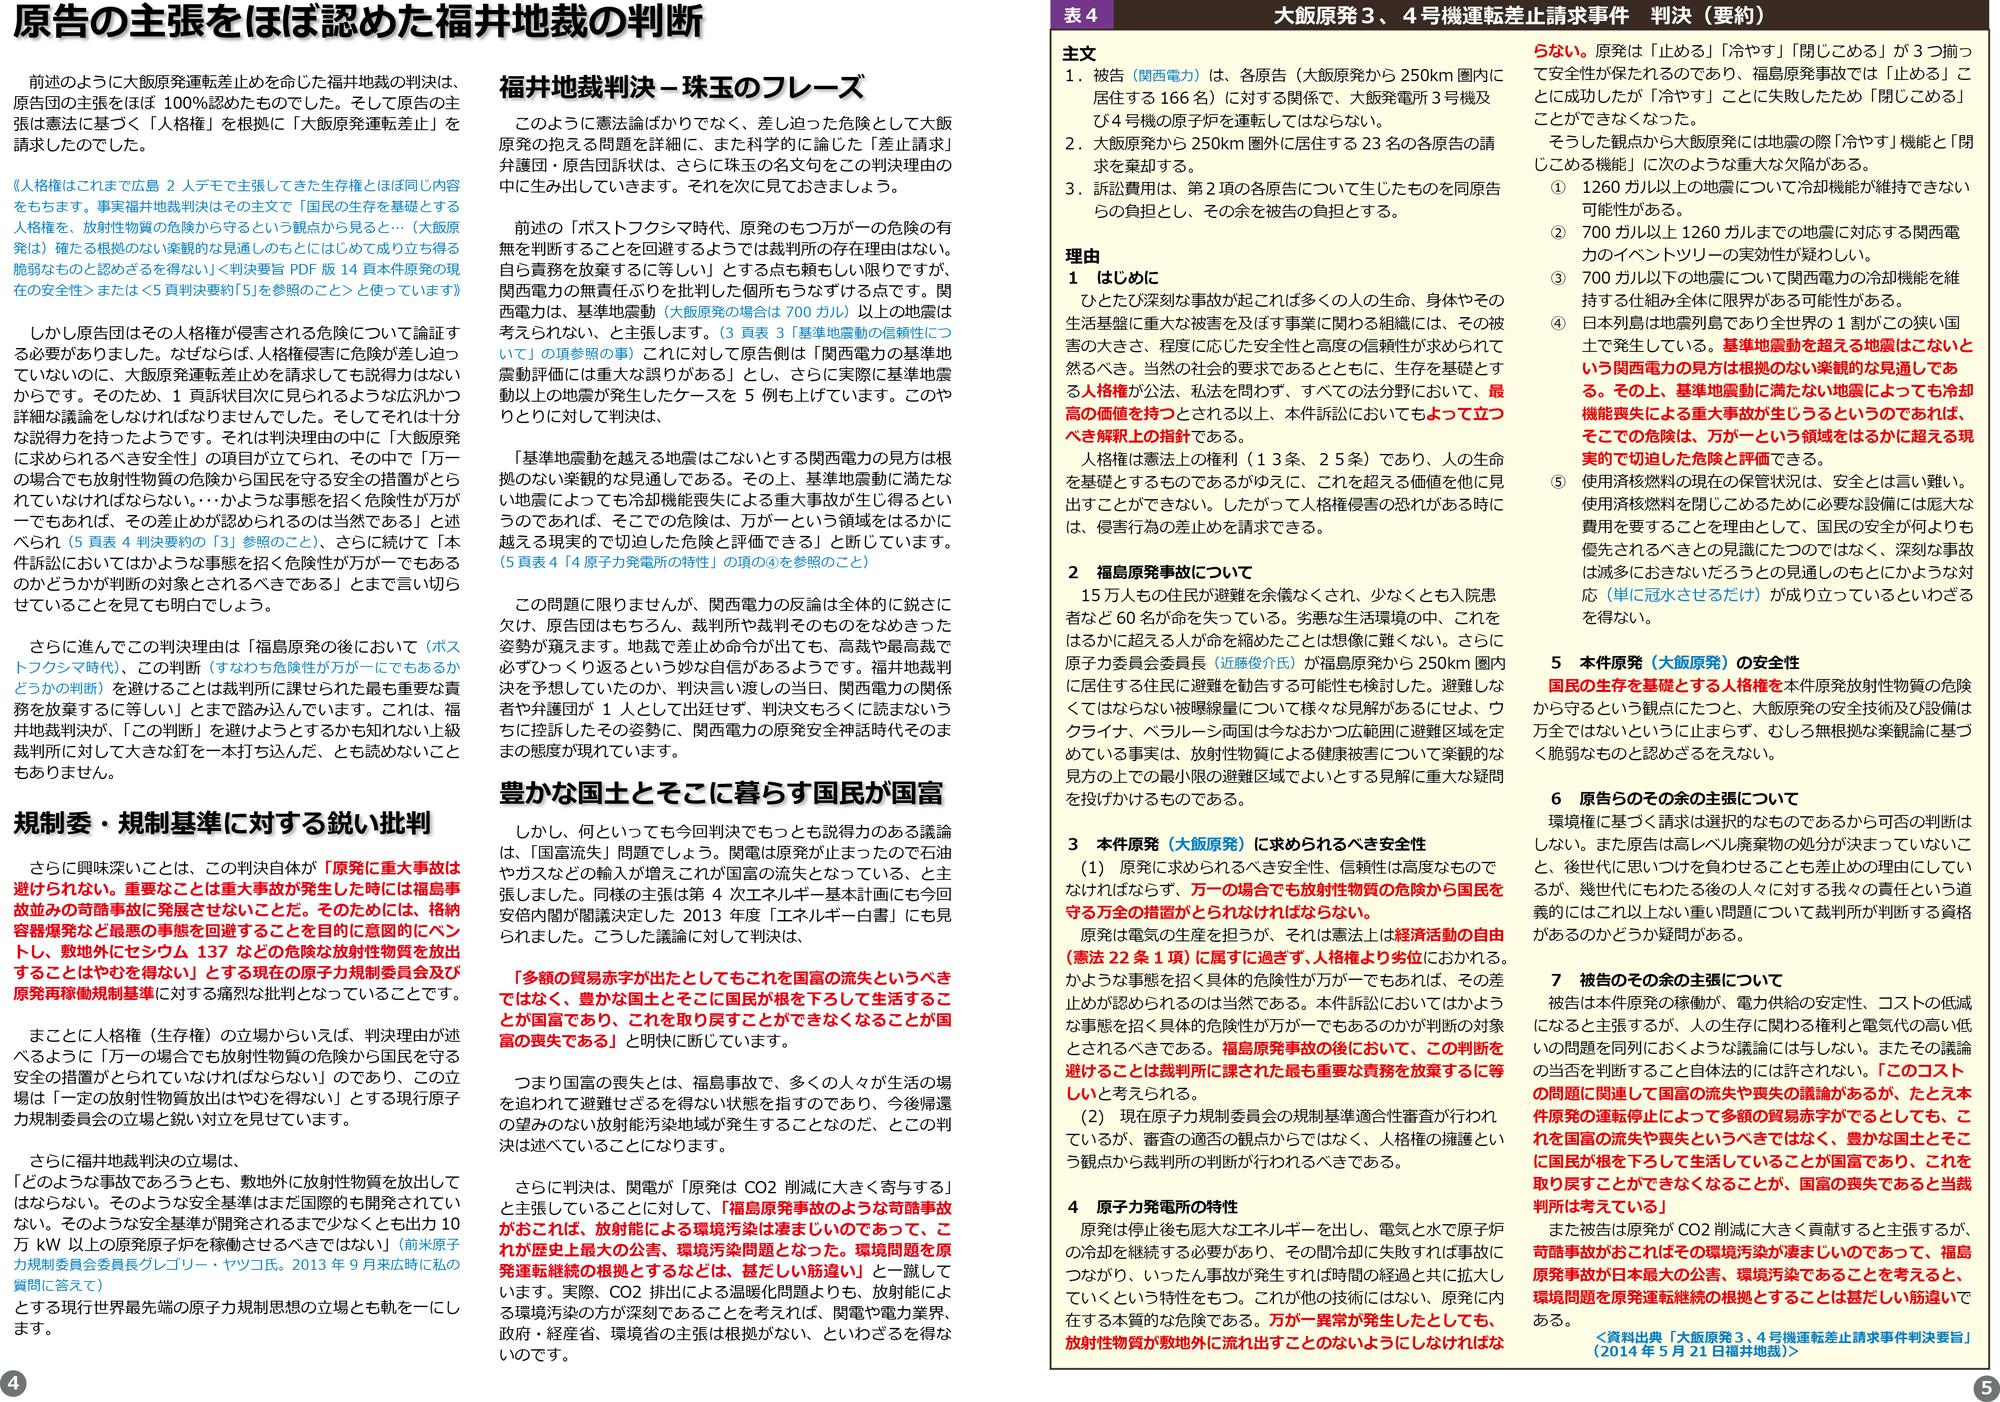 ファイル 302-3.jpg